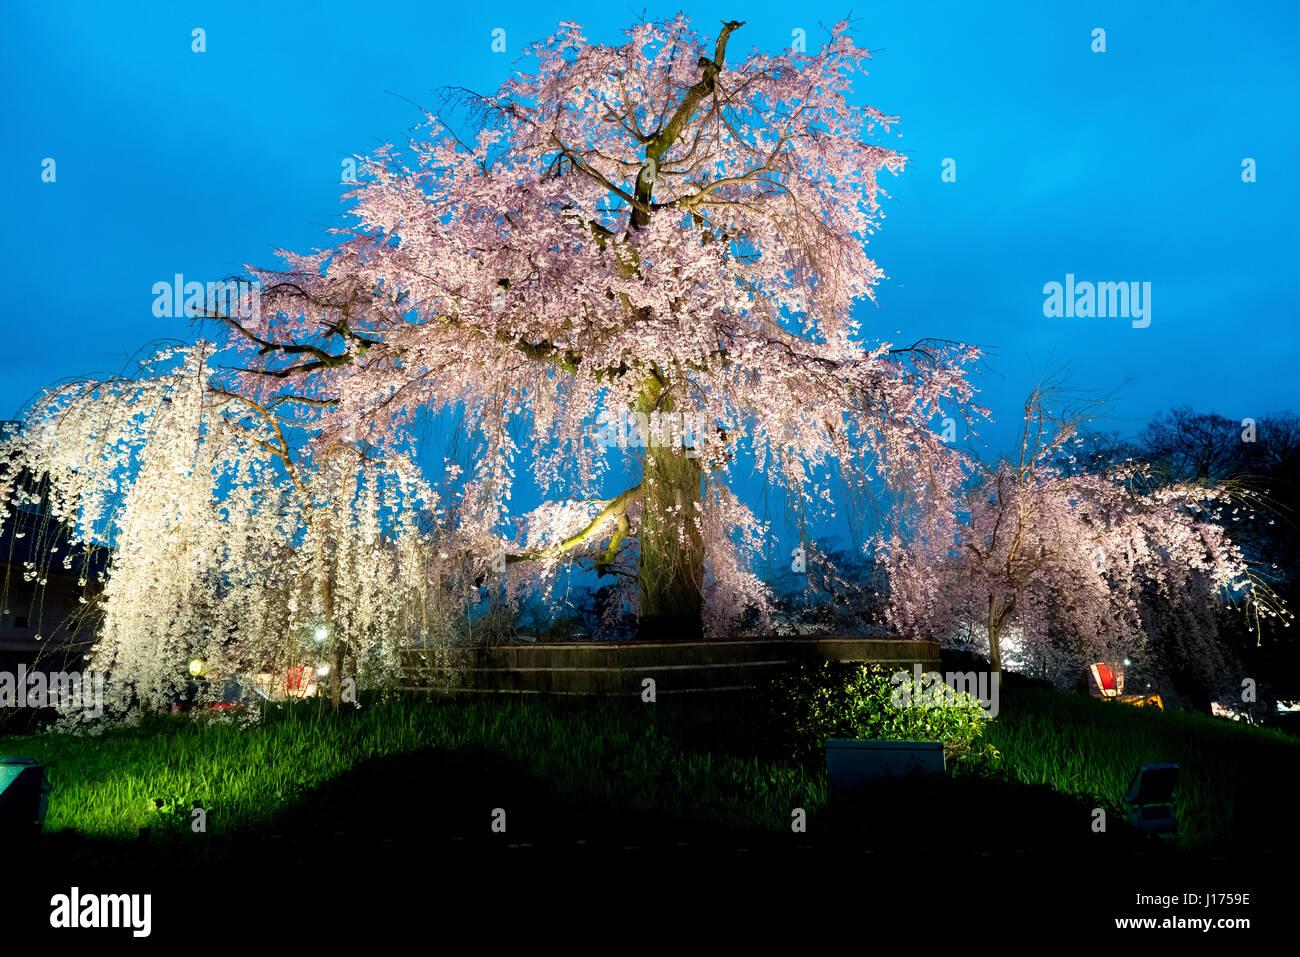 Vue nocturne de la célèbre parc Maruyama à Kyoto, au Japon et les fleurs d'un arbre géant Photo Stock